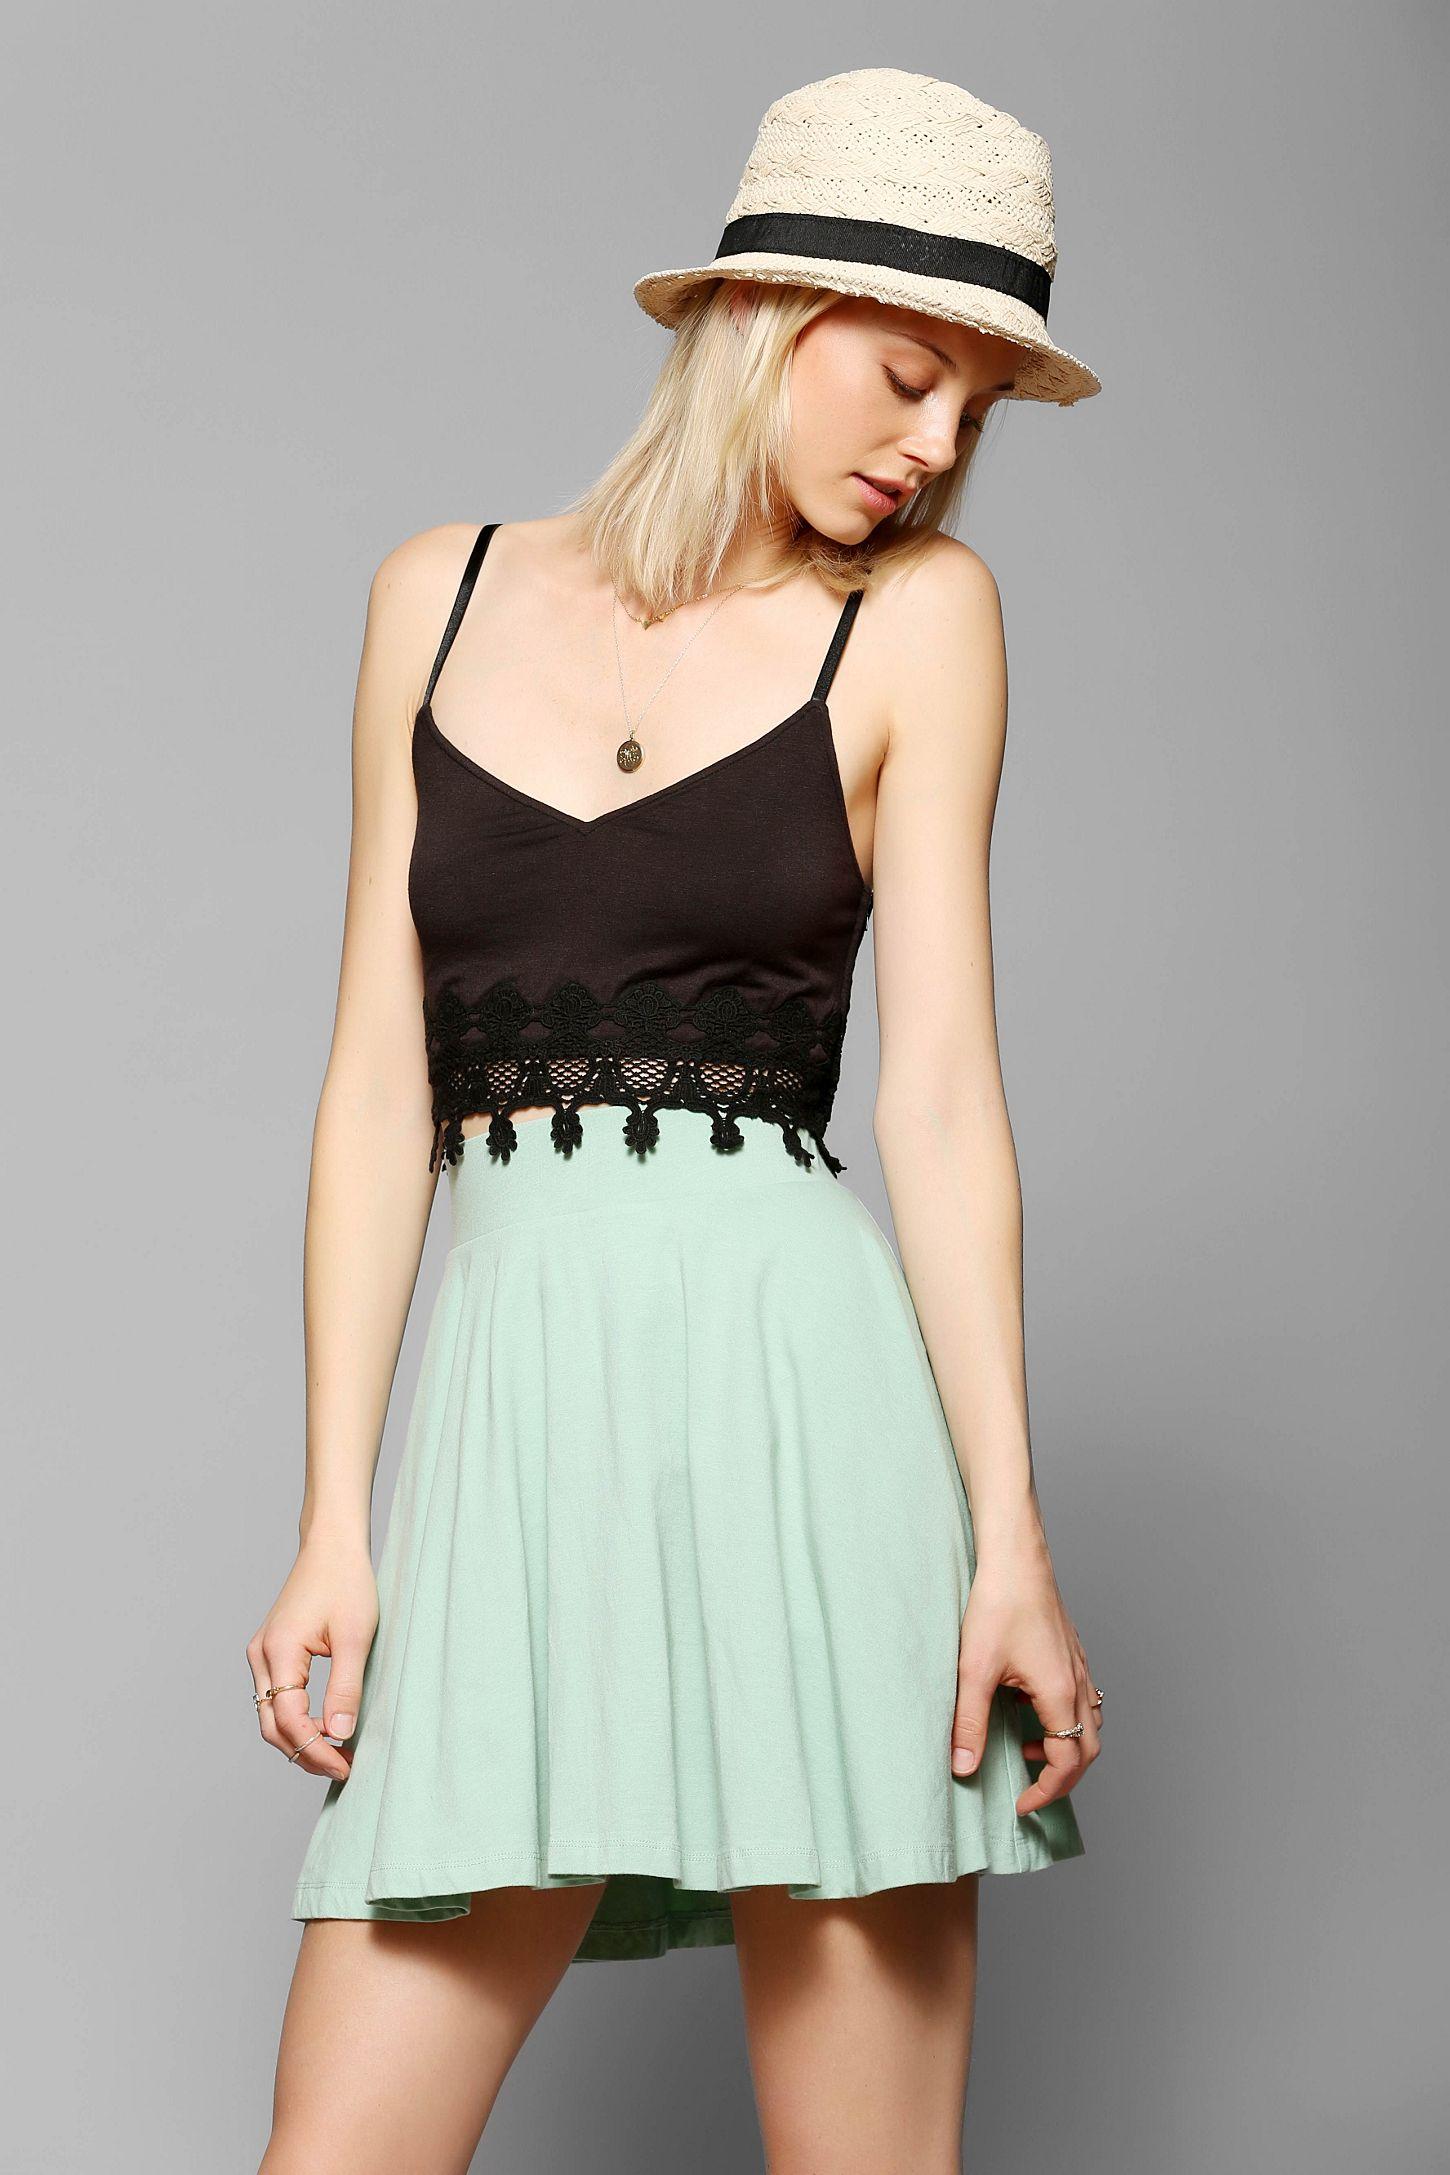 4a293284ae8 Pins And Needles Knit Circle Skirt